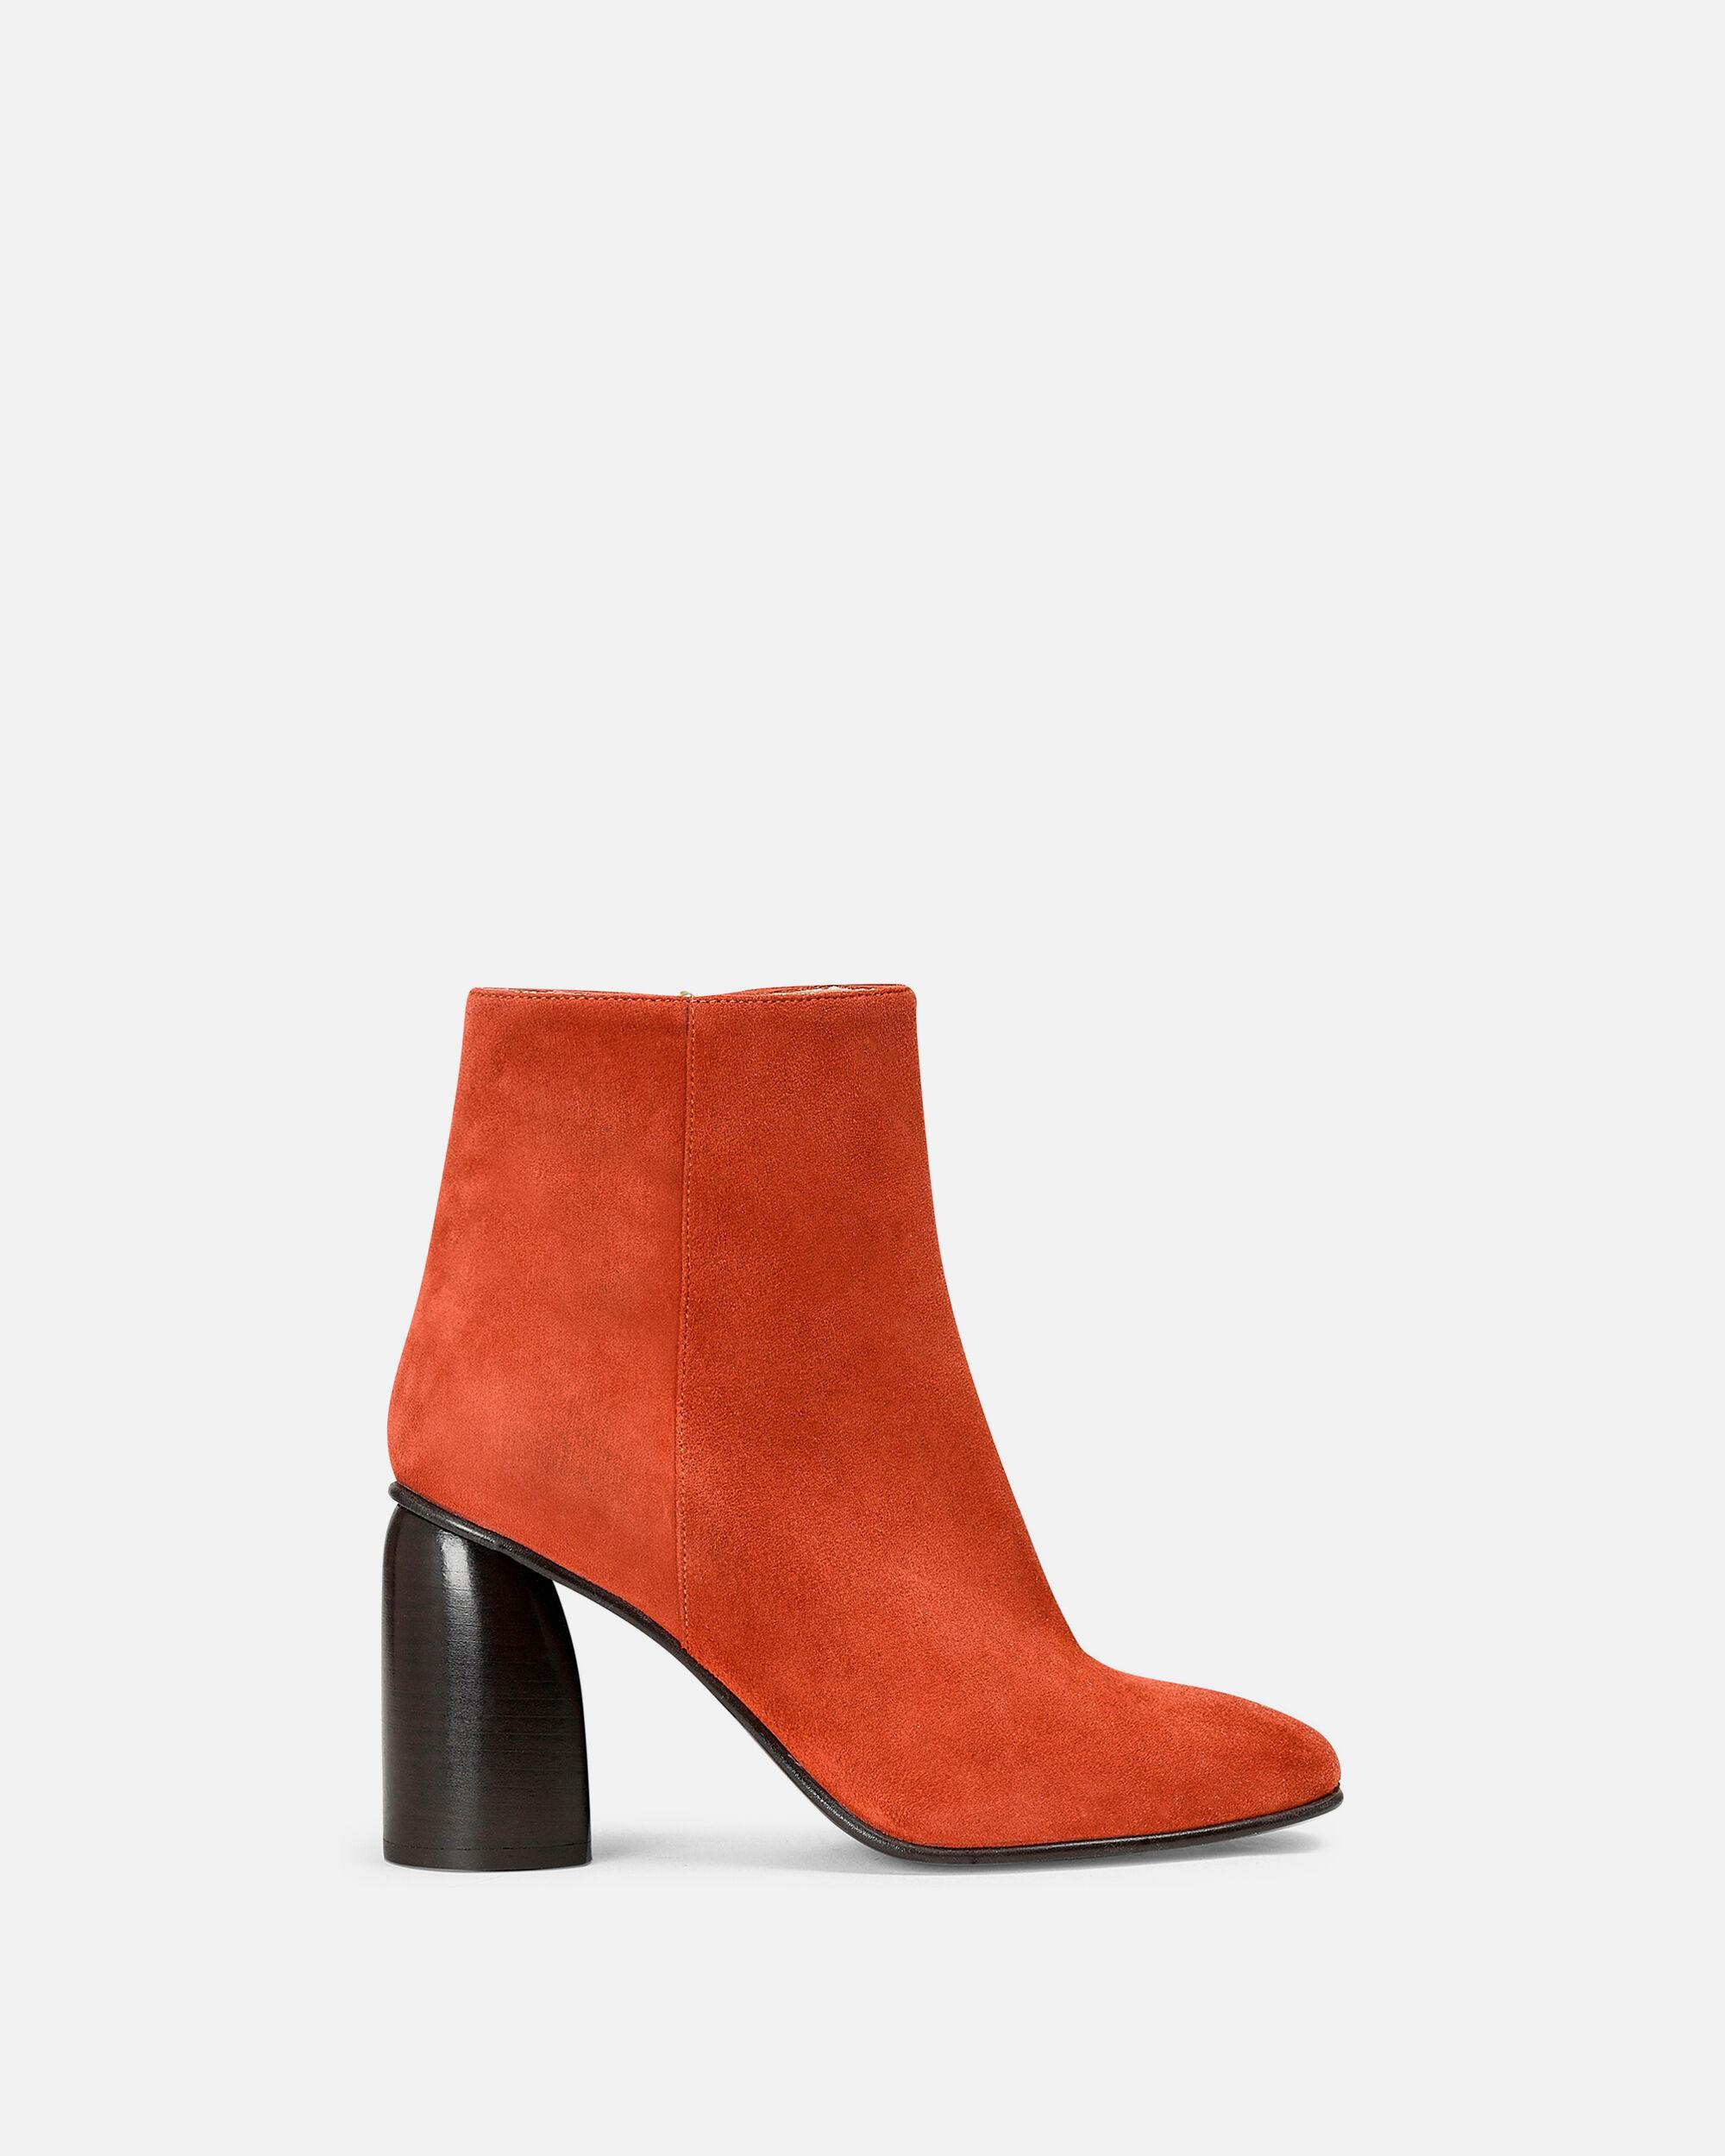 Boots Femme Femme Boots Femme Boots Femme Boots Boots odeBrCx